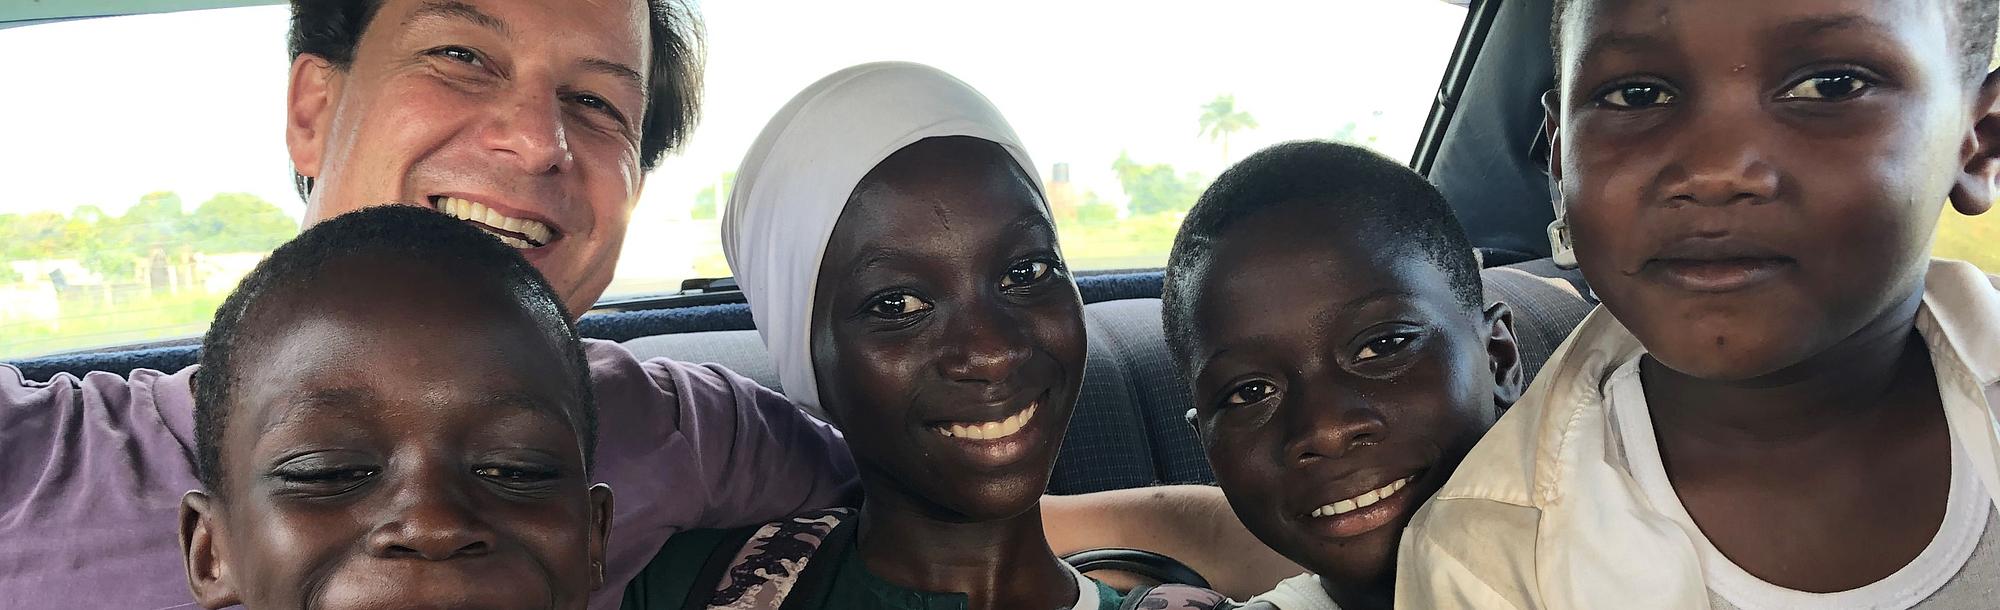 Kinder Im Auto Gambia